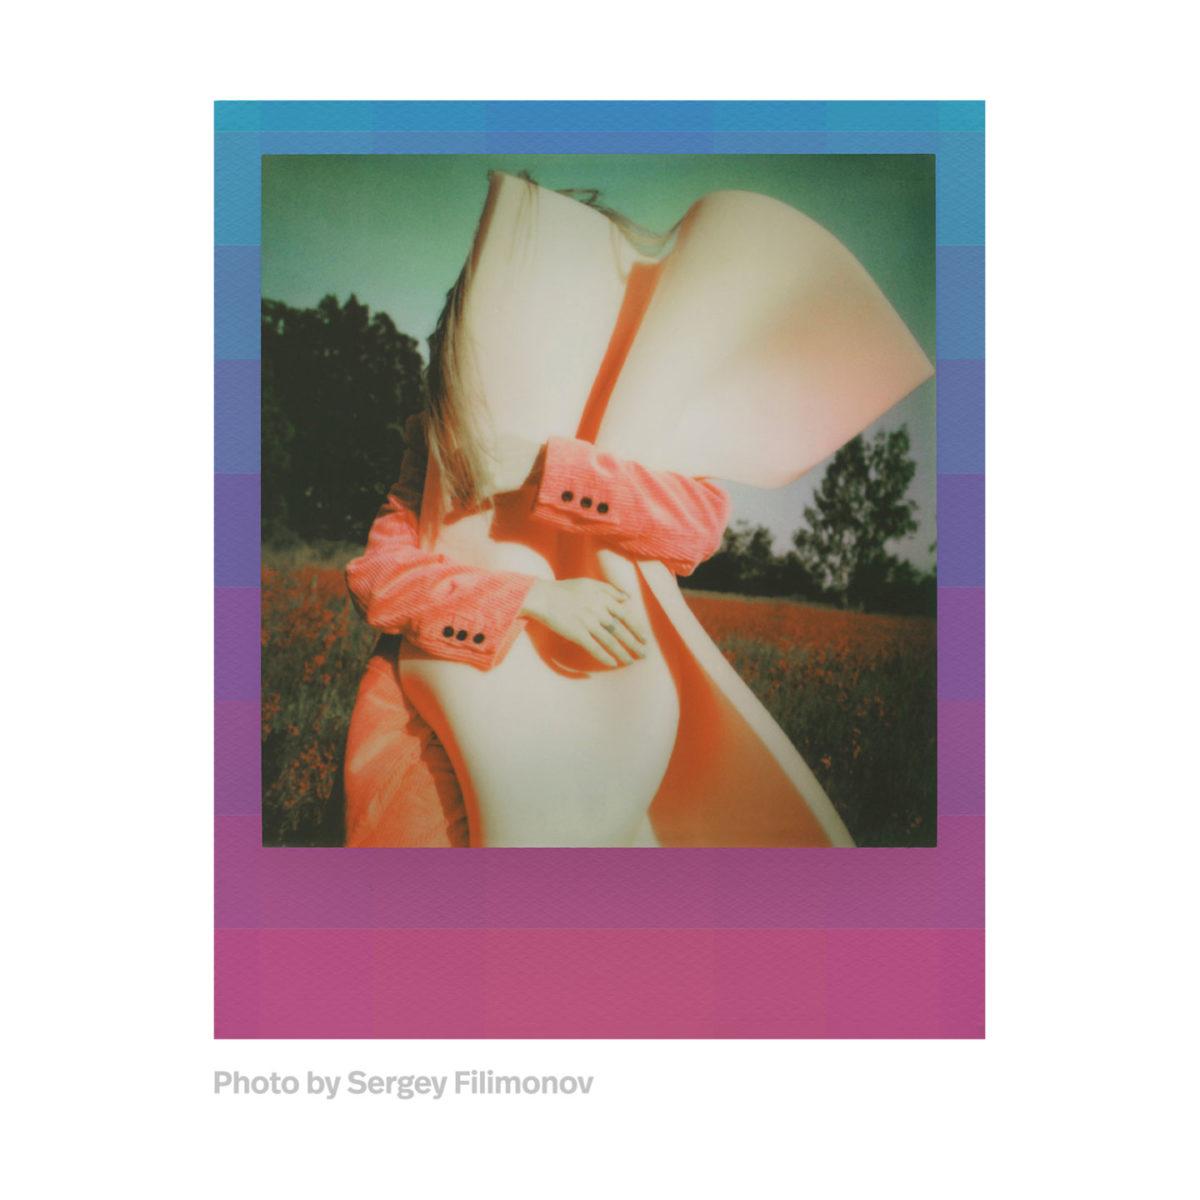 polaroid_i_type_color_film_spectrum_03